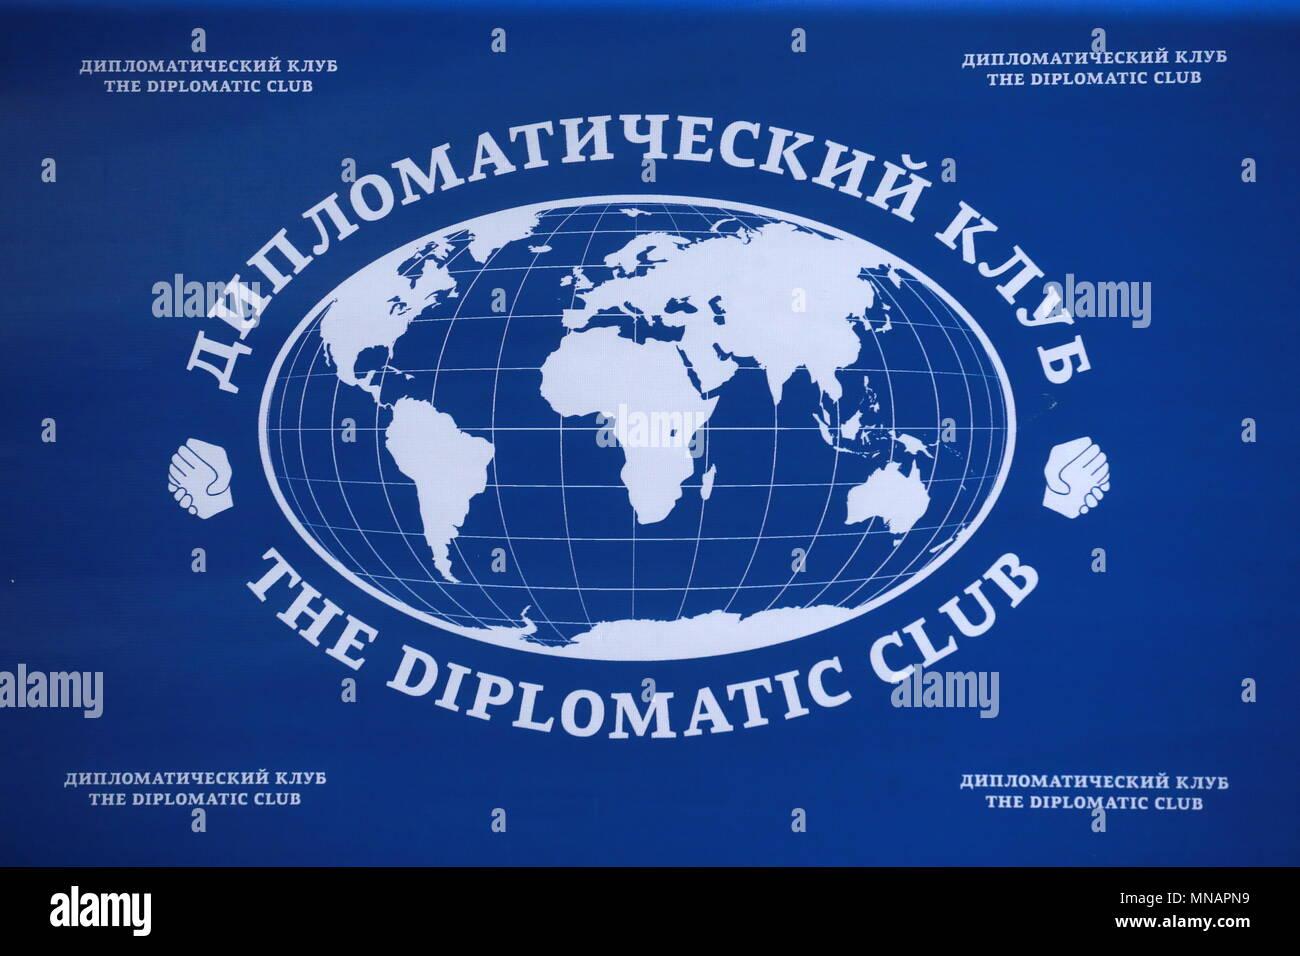 Министерство клуб москва как назвать команду танцоров мужчин в клубе